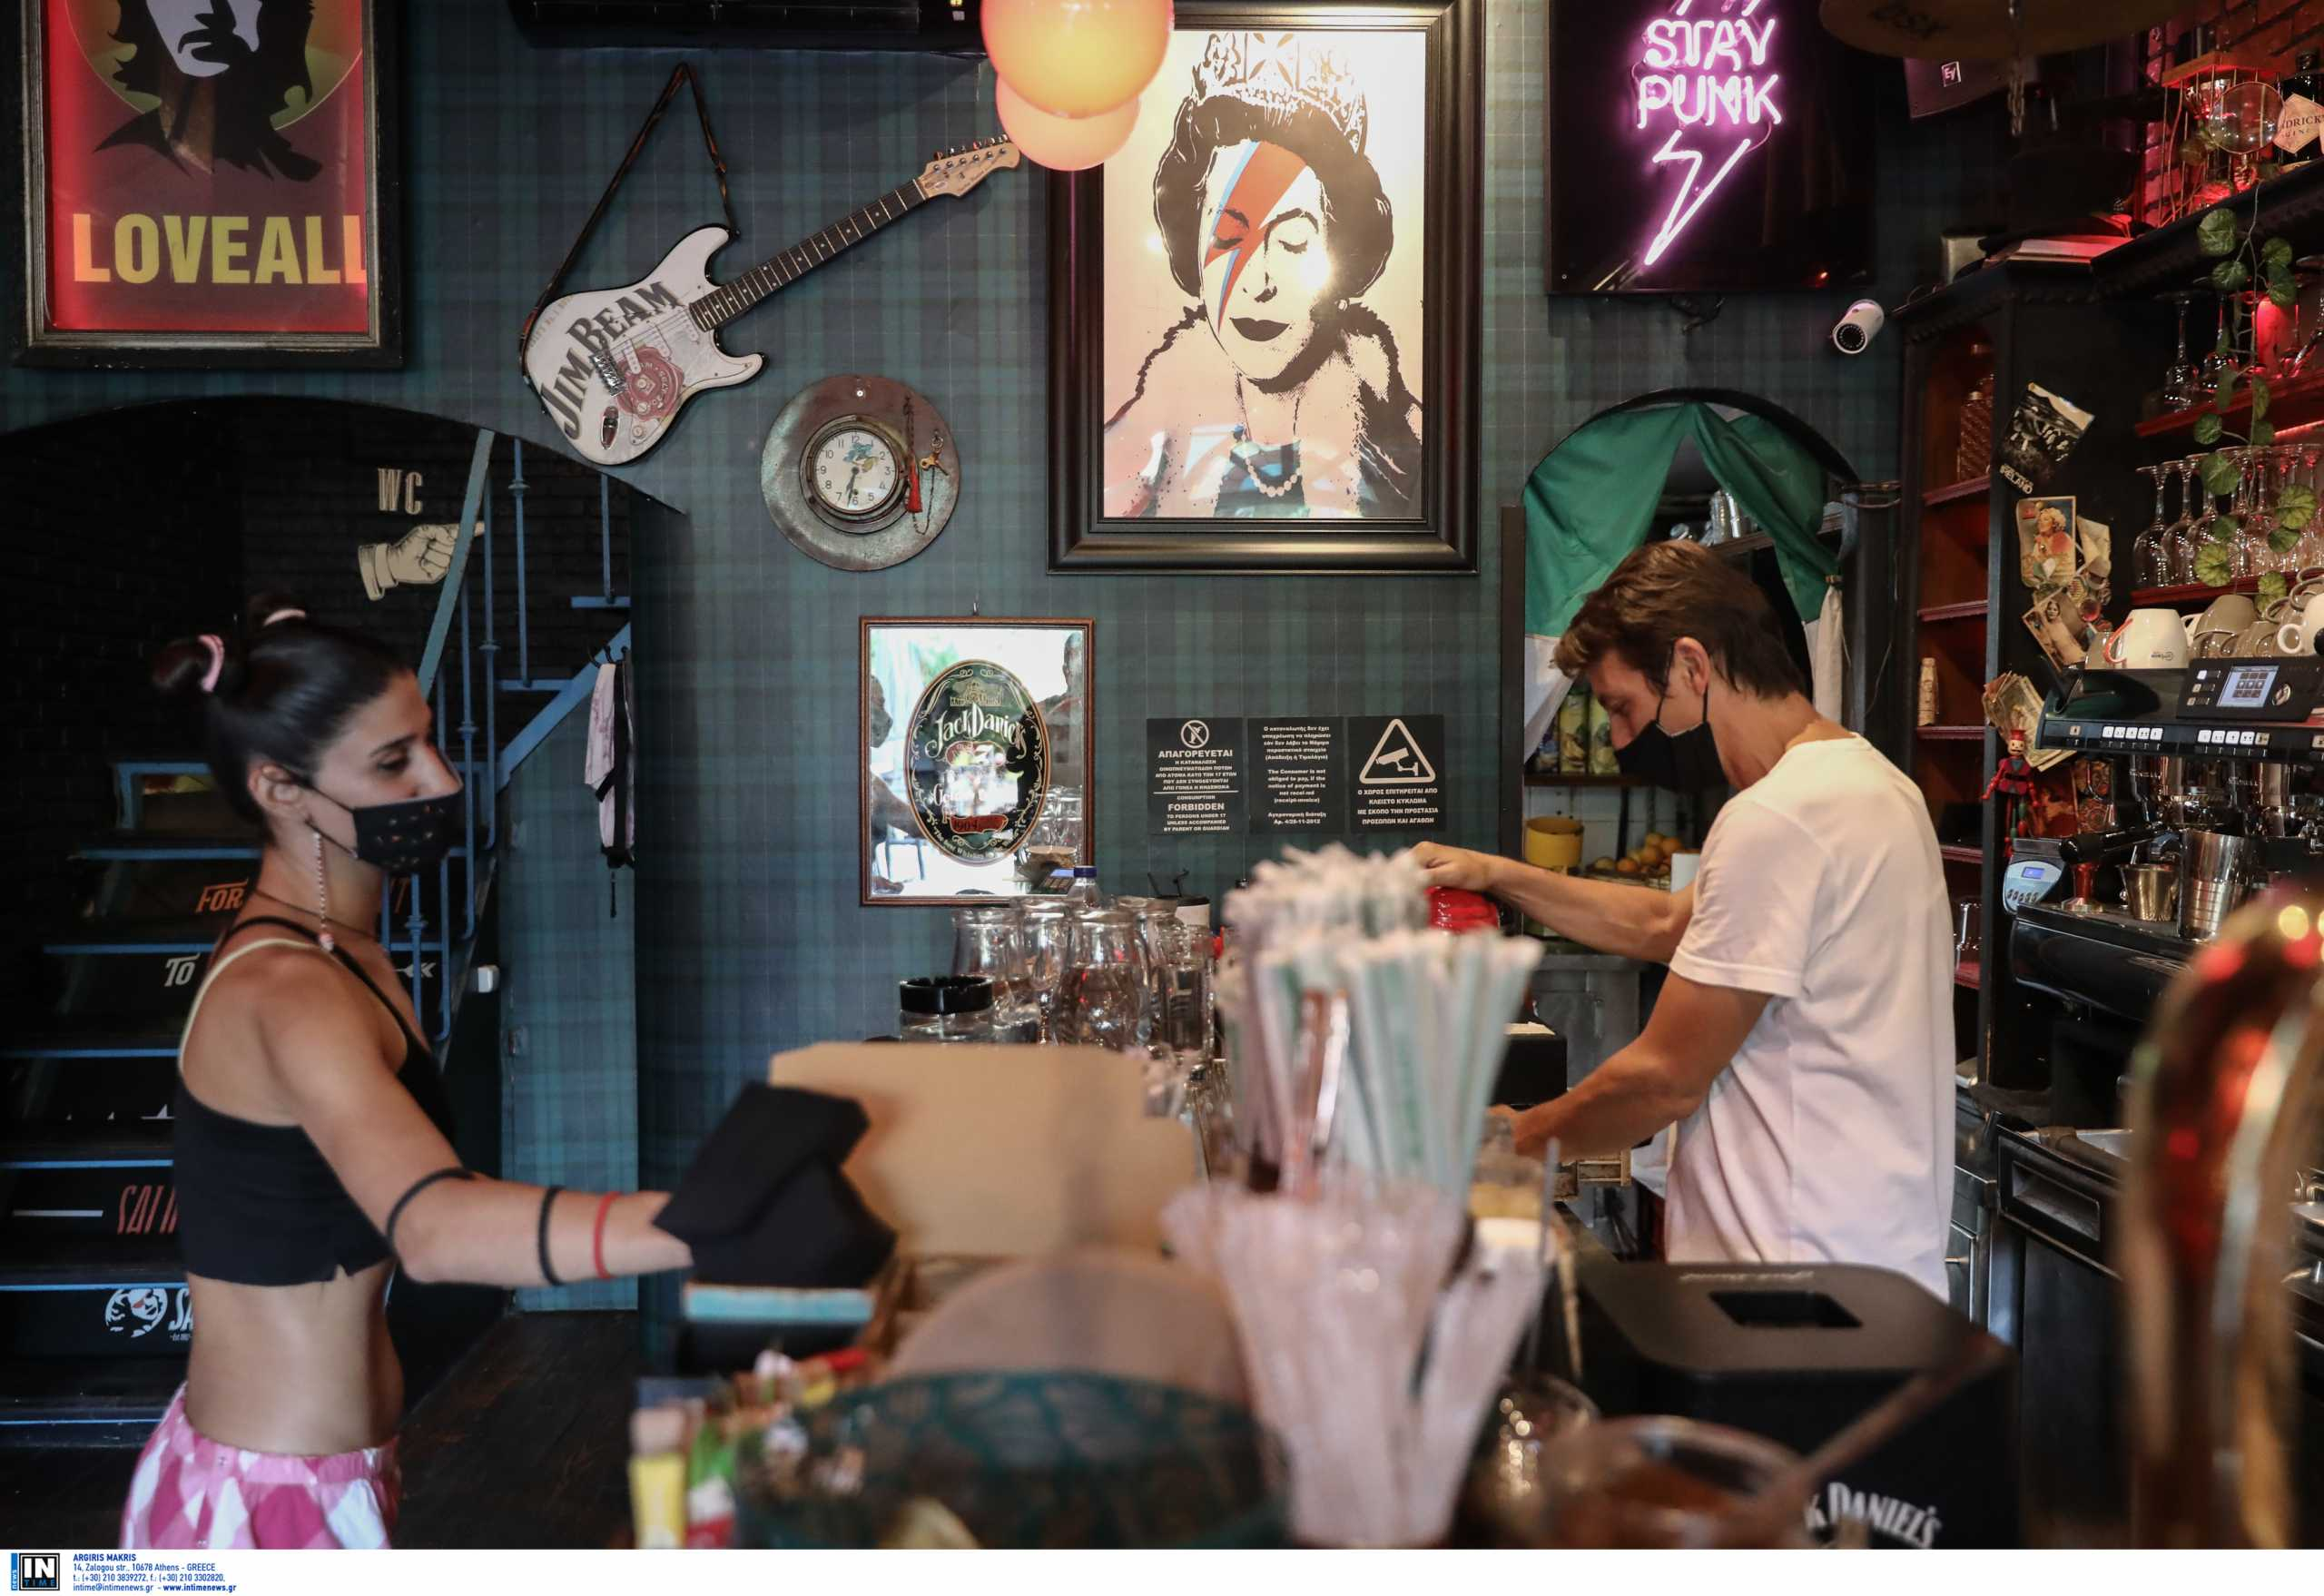 Θα ανοίξουν τα καφέ – μπαρ που διαθέτουν εξωτερικούς χώρους – Θέμα χρόνου οι διευκρινίσεις